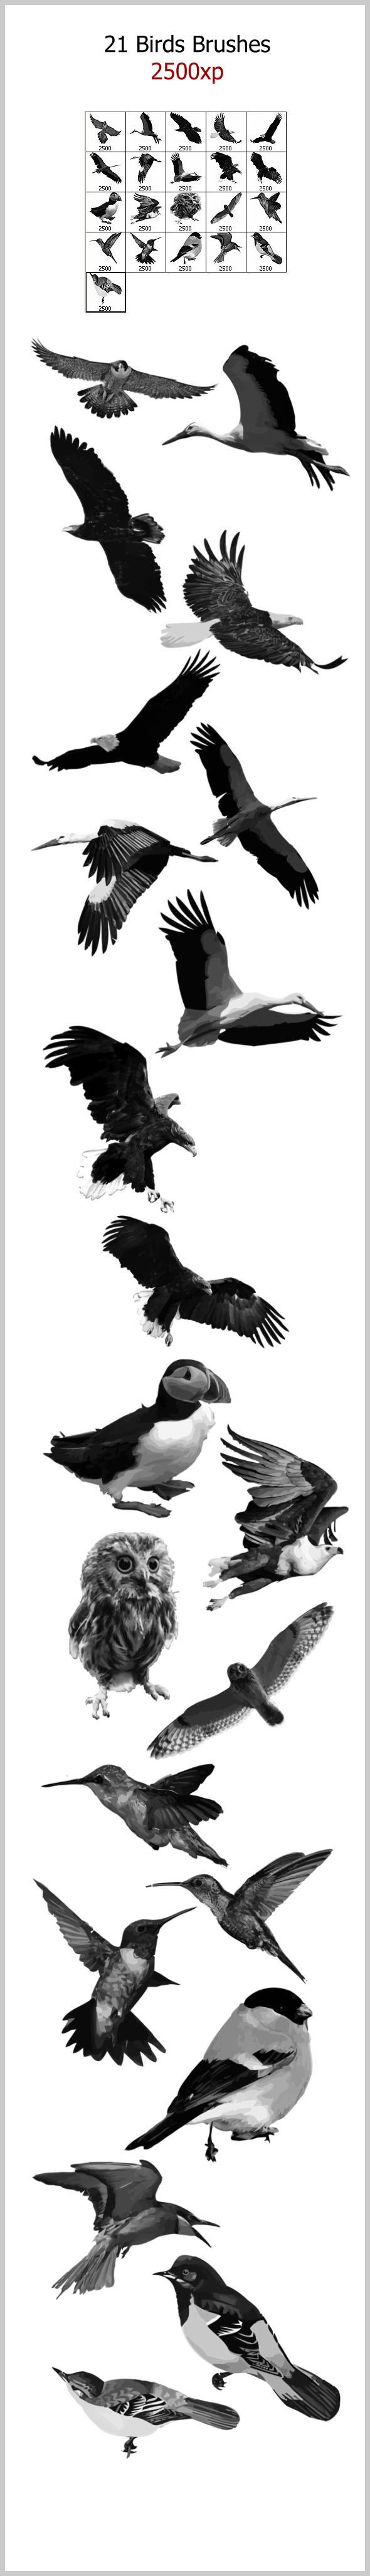 21 Birds Brushes (2500px) - Brushes Photoshop